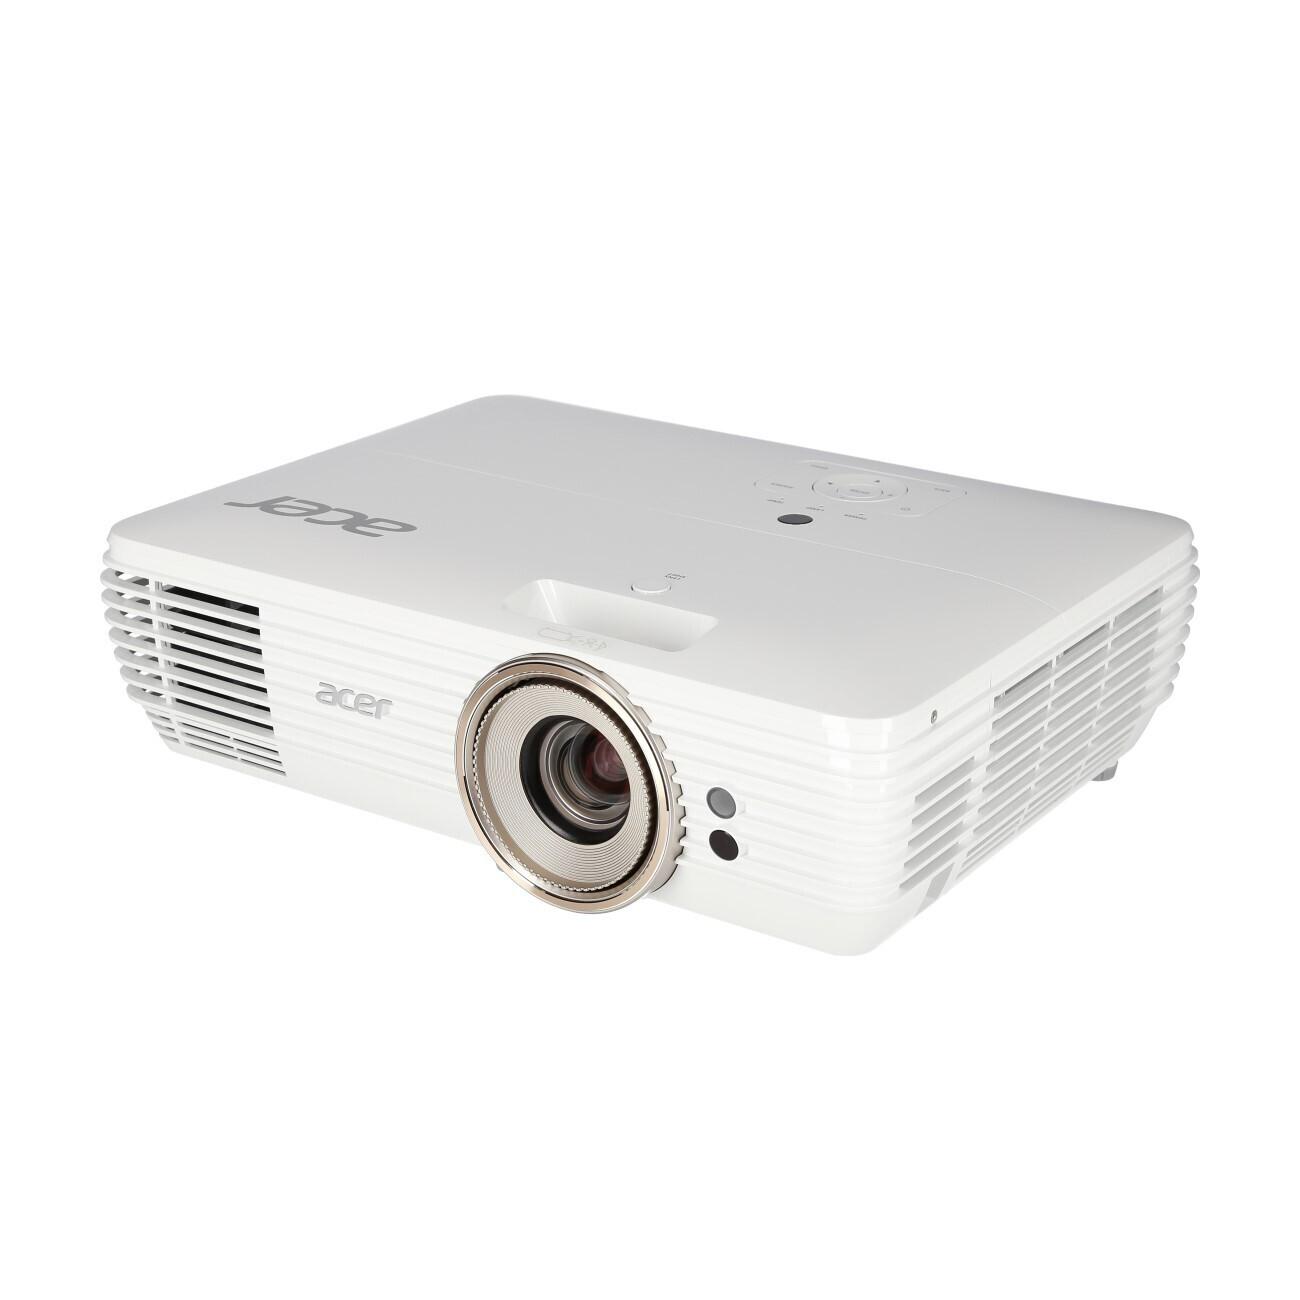 Acer V7850 4K Beamer mit 2200 ANSI-Lumen und 3840x2160 Auflösung